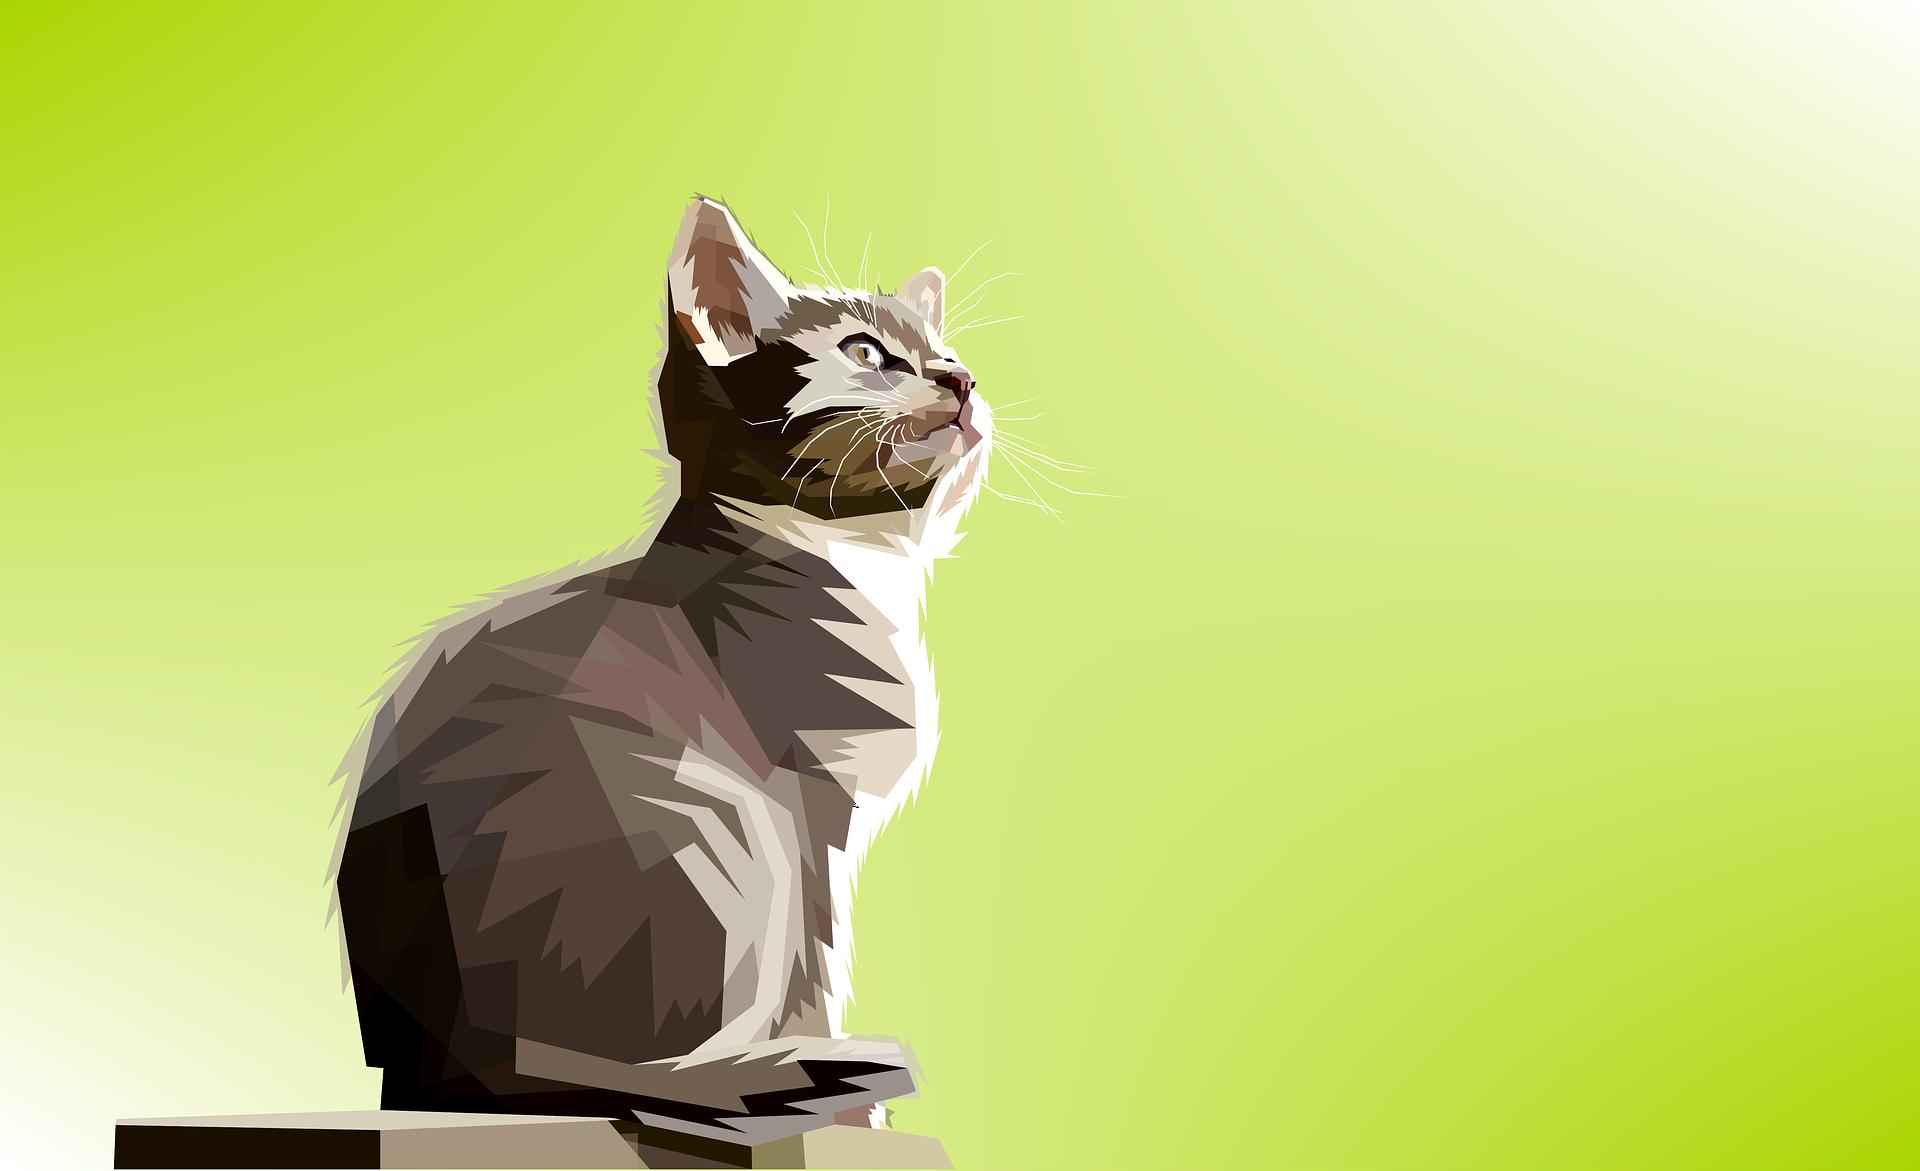 Cat 1920x1171